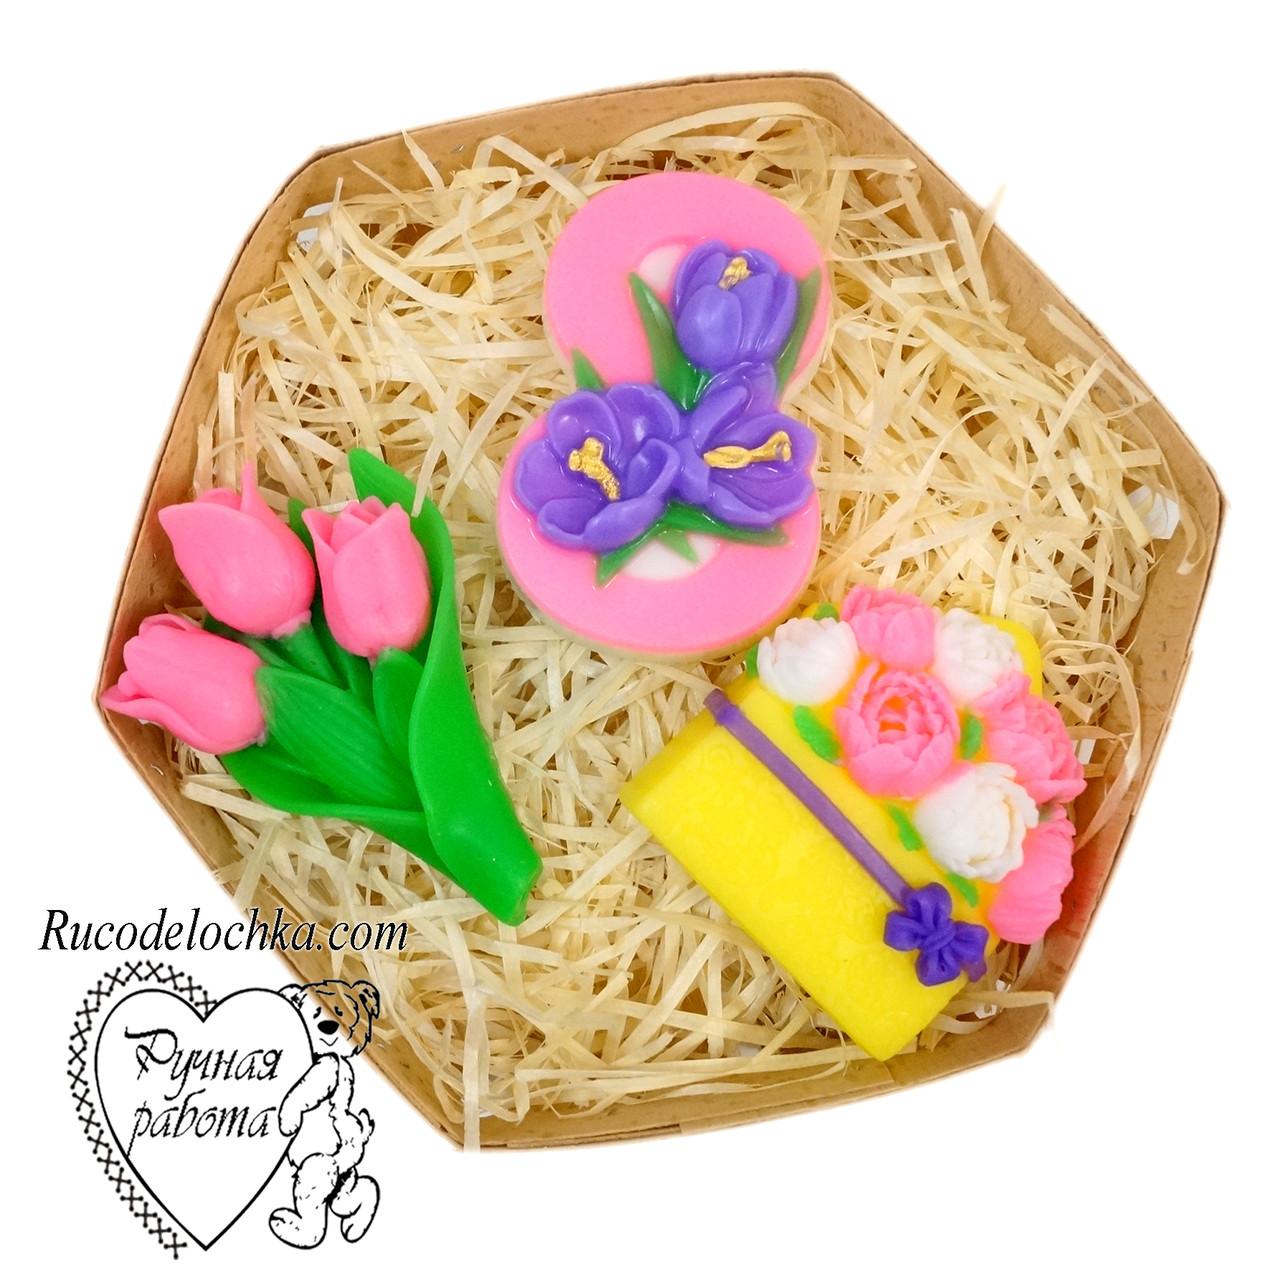 Мило набір 8 березня, вісімка, півонії в конверті, букет тюльпанів, подарунок жінці, ручна робота